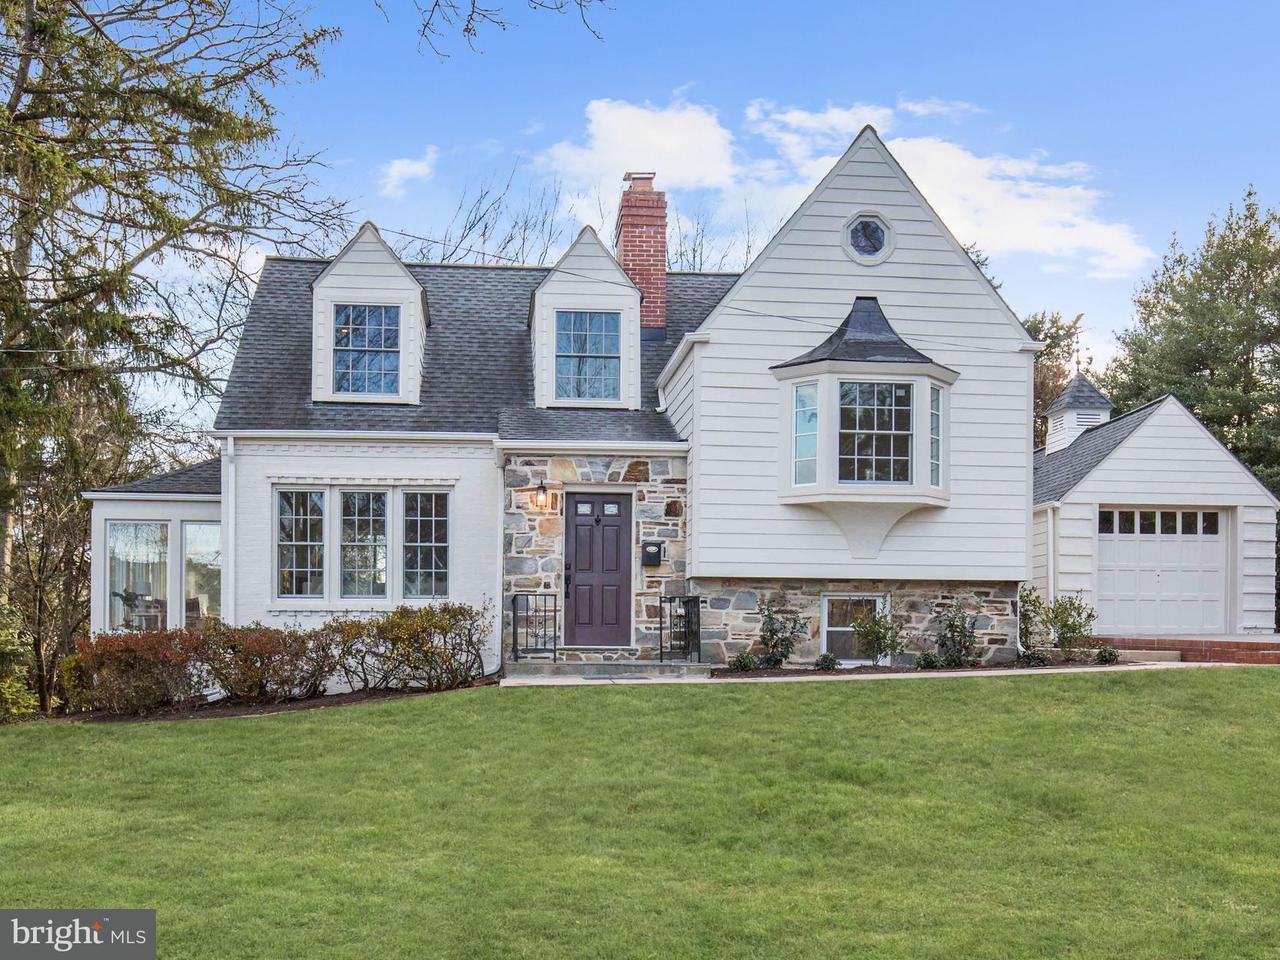 Μονοκατοικία για την Πώληση στο 4014 GLENRIDGE Street 4014 GLENRIDGE Street Kensington, Μεριλαντ 20895 Ηνωμενεσ Πολιτειεσ